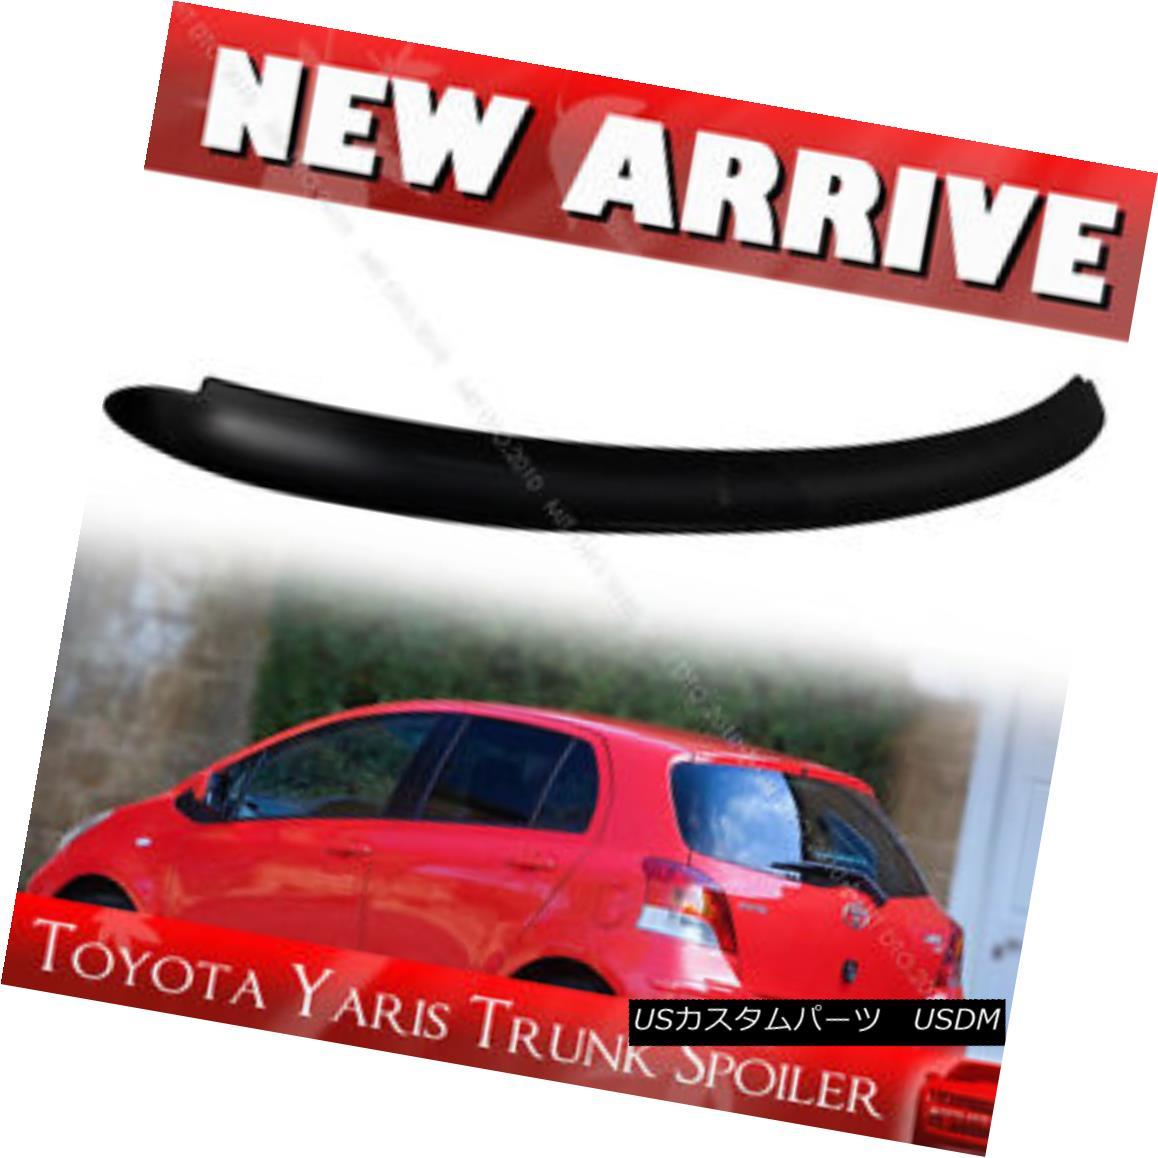 エアロパーツ Unpainted For TOYOTA Yaris 2nd Hatchback OE Type Roof Spoiler 06-11 LE RS TOYOTA Yaris 2ndハッチバックOEタイプルーフスポイラー06-11 LE RS